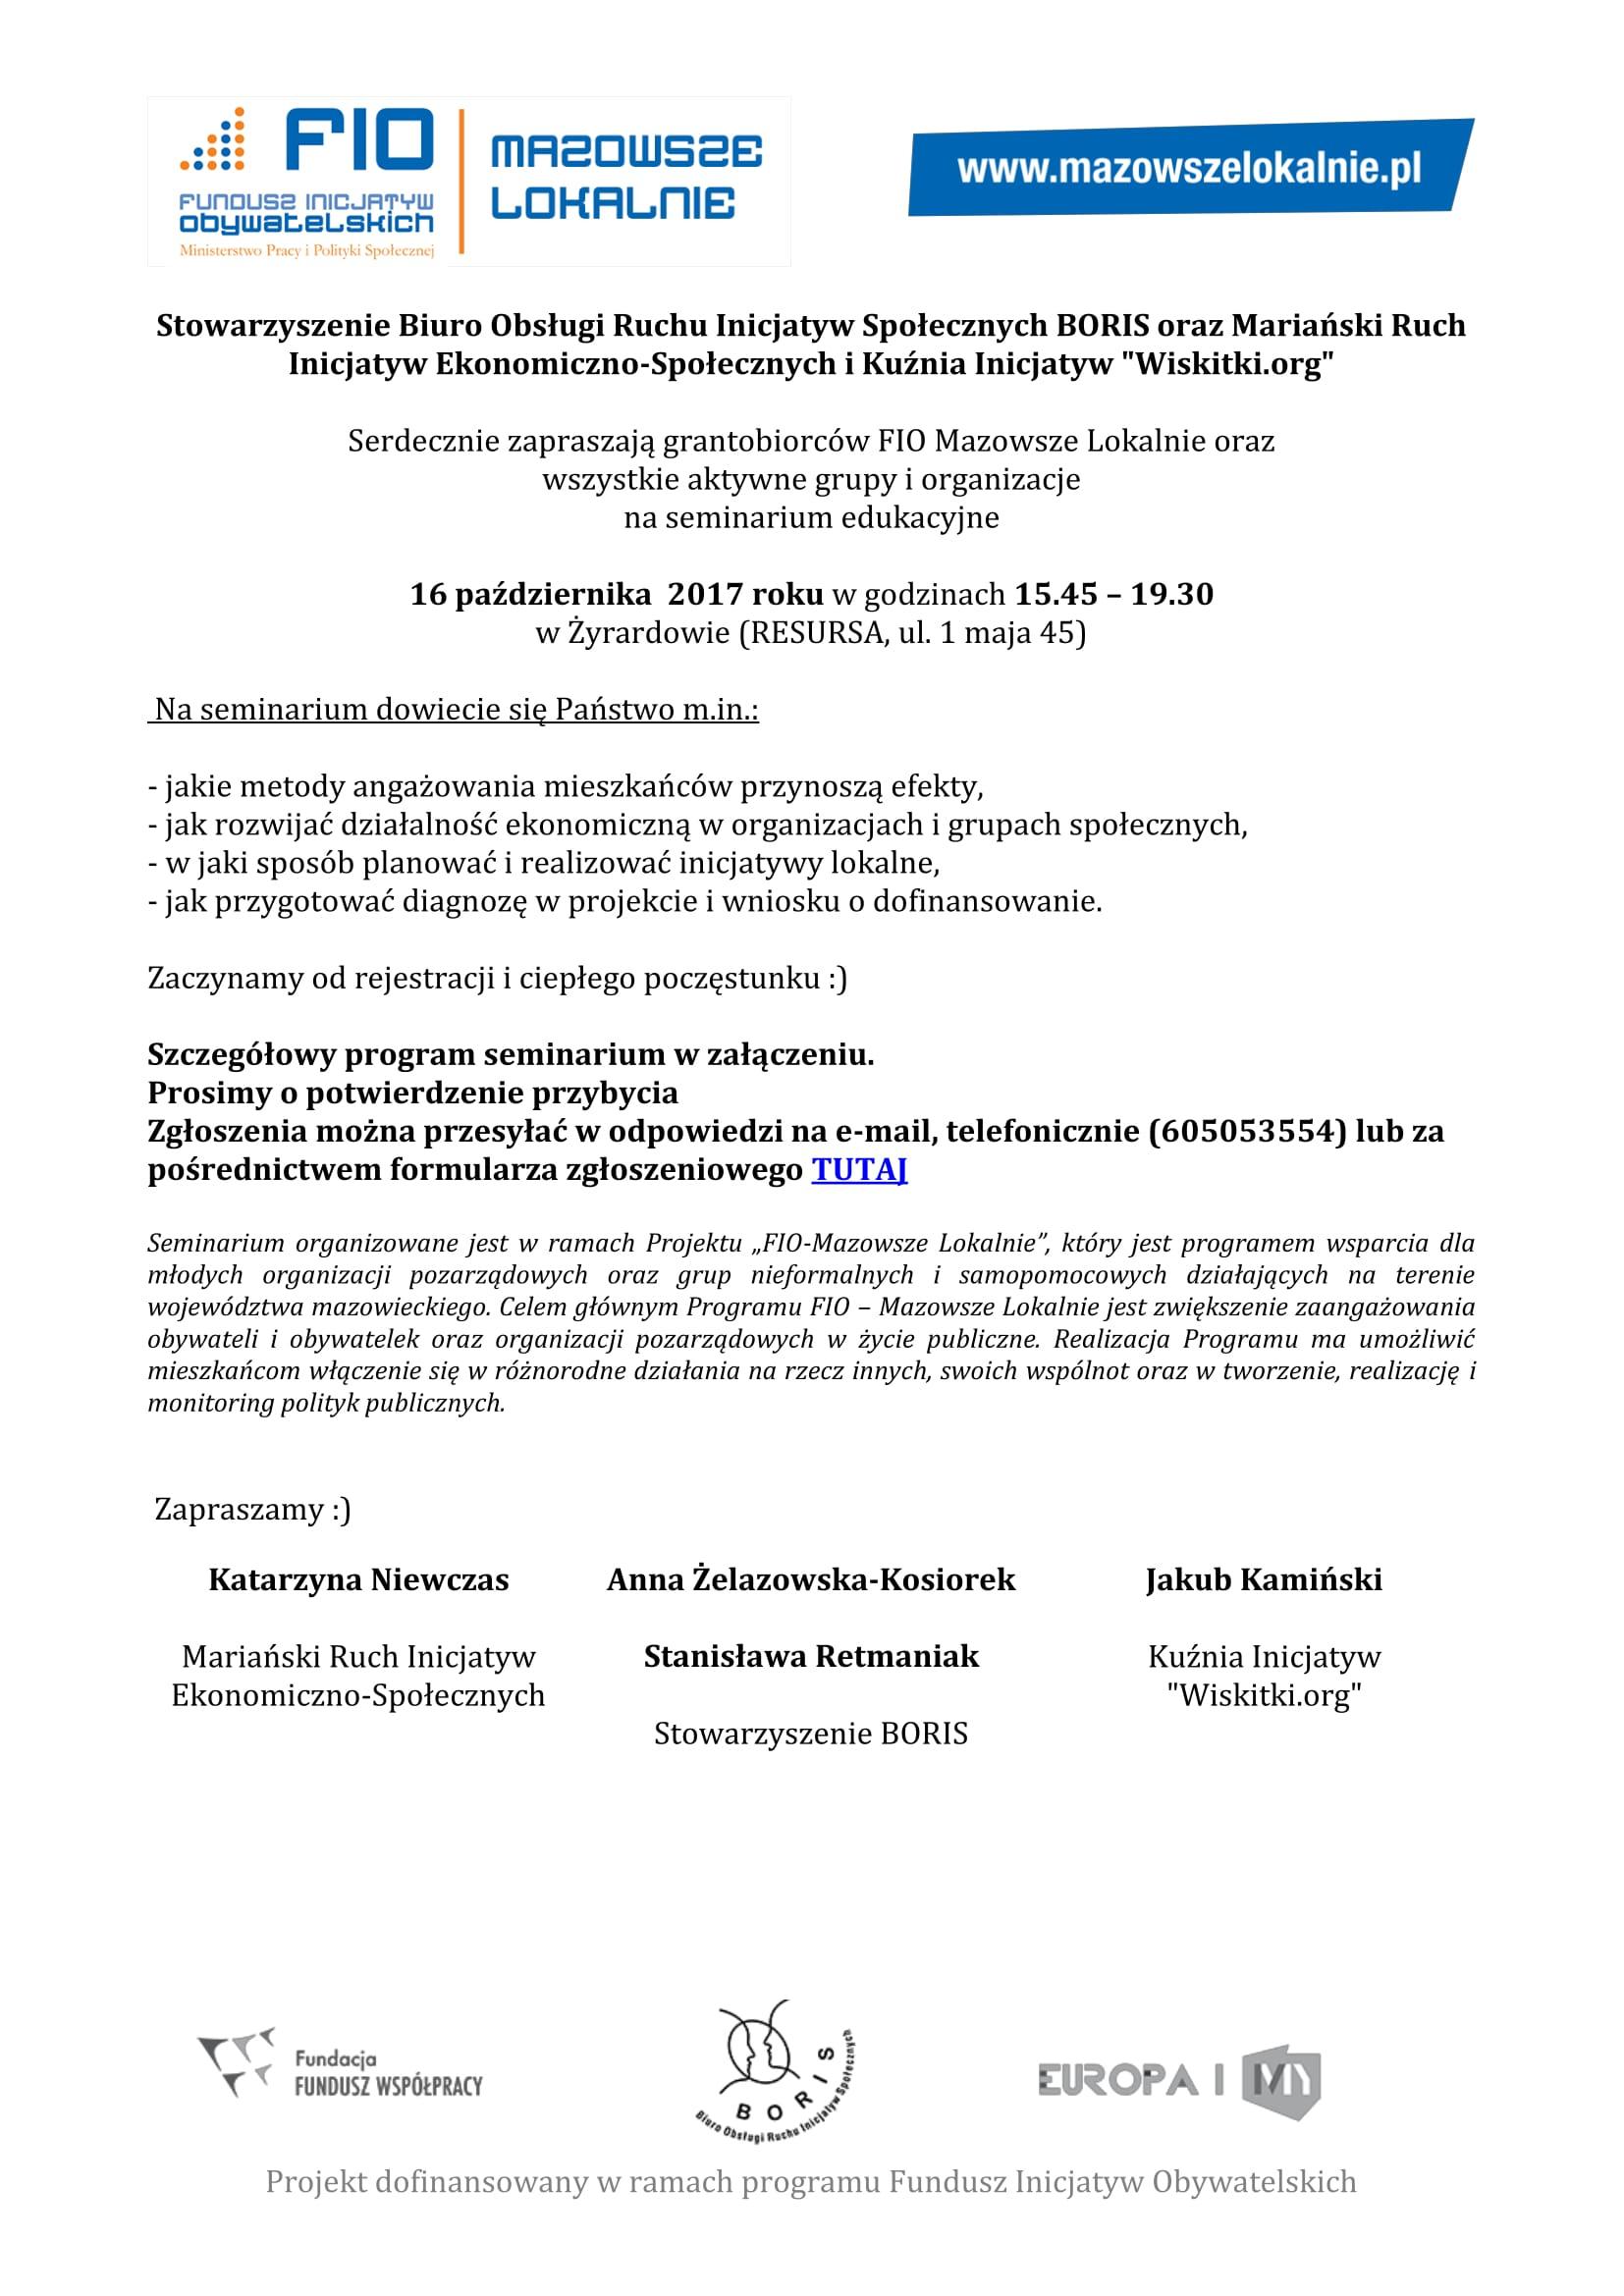 Seminiarium_FIO_Żyrardów_16.10.2017_informacia_i_program-1